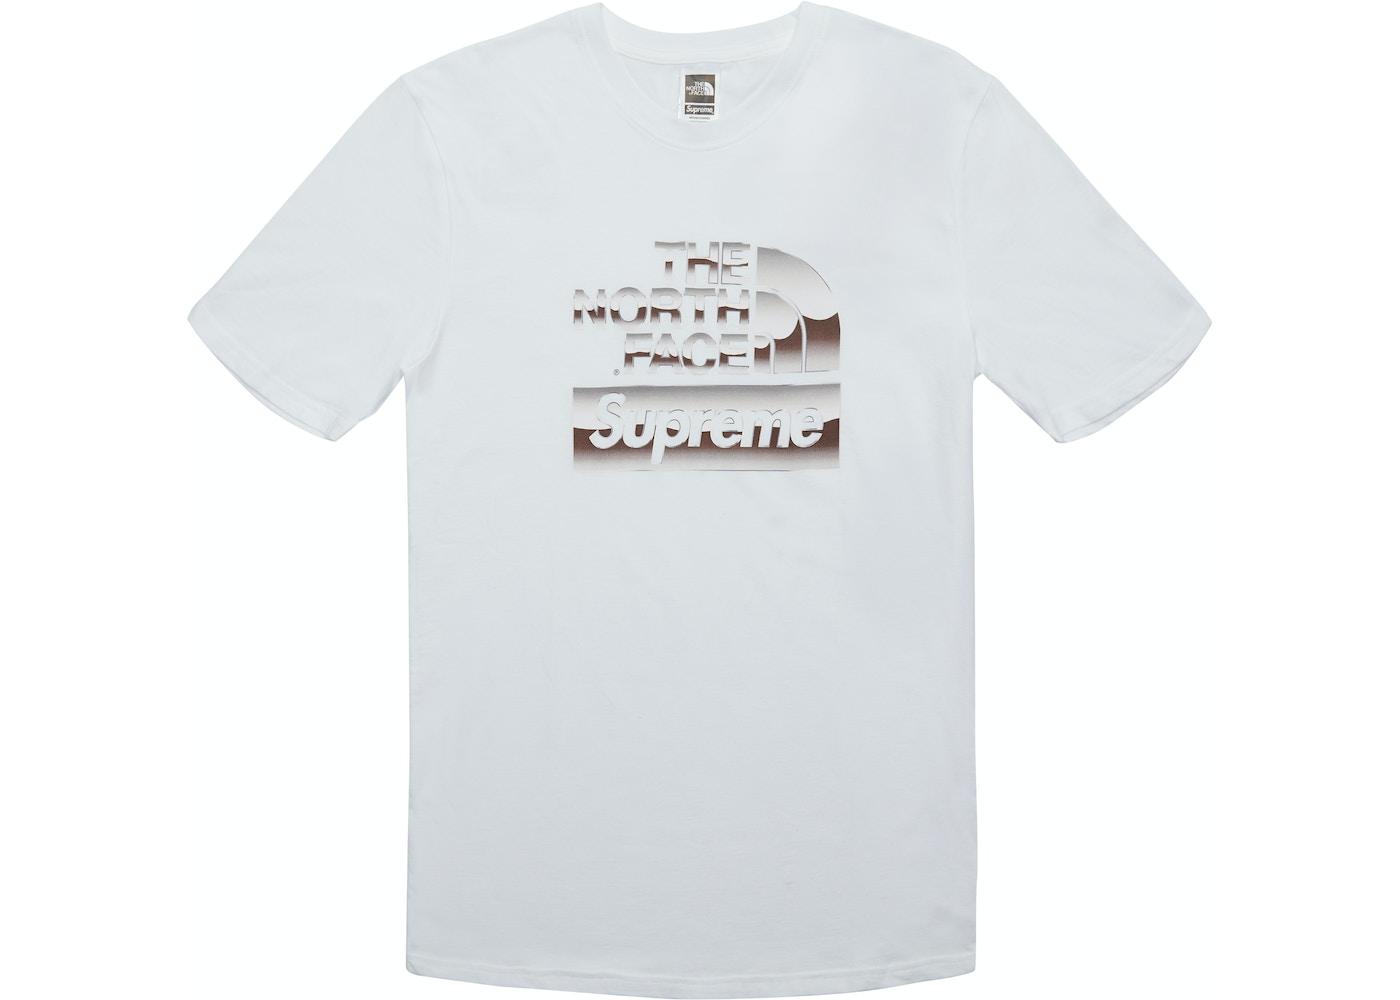 North Face Metallic Logo T Shirt White